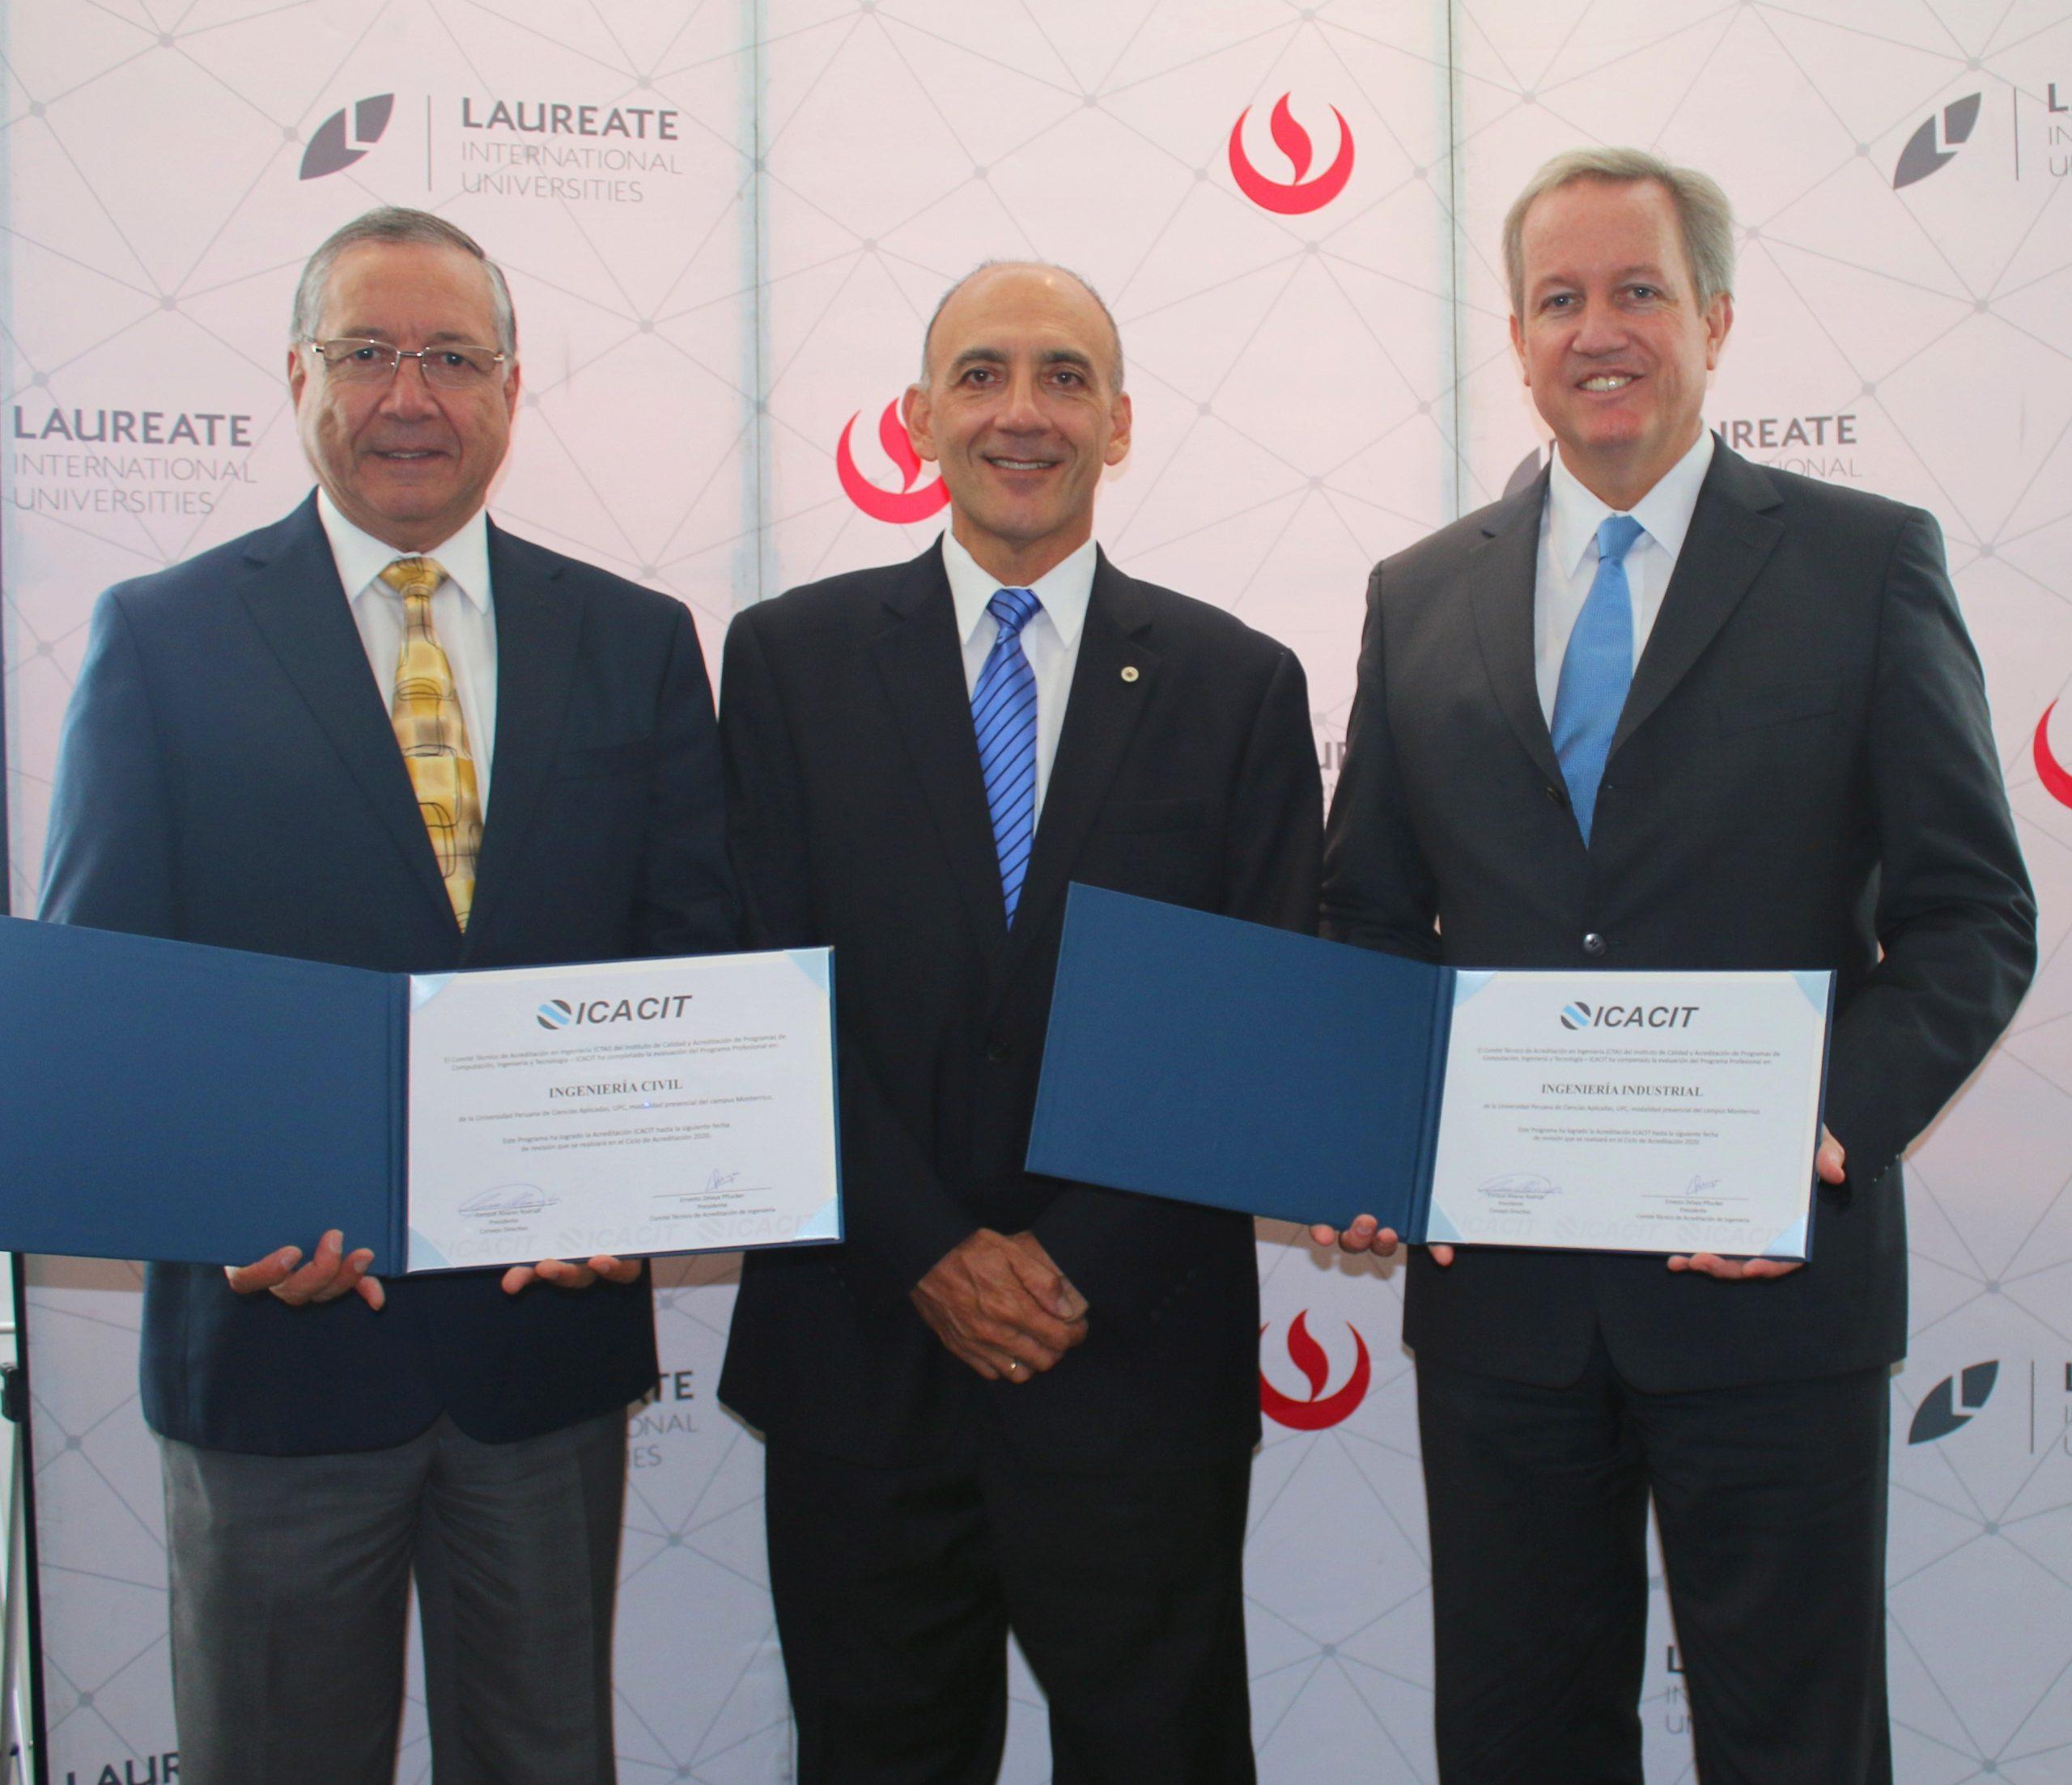 Carreras de Ingeniería Civil e Ingeniería Industrial de la UPC recibieron acreditación de ICACIT